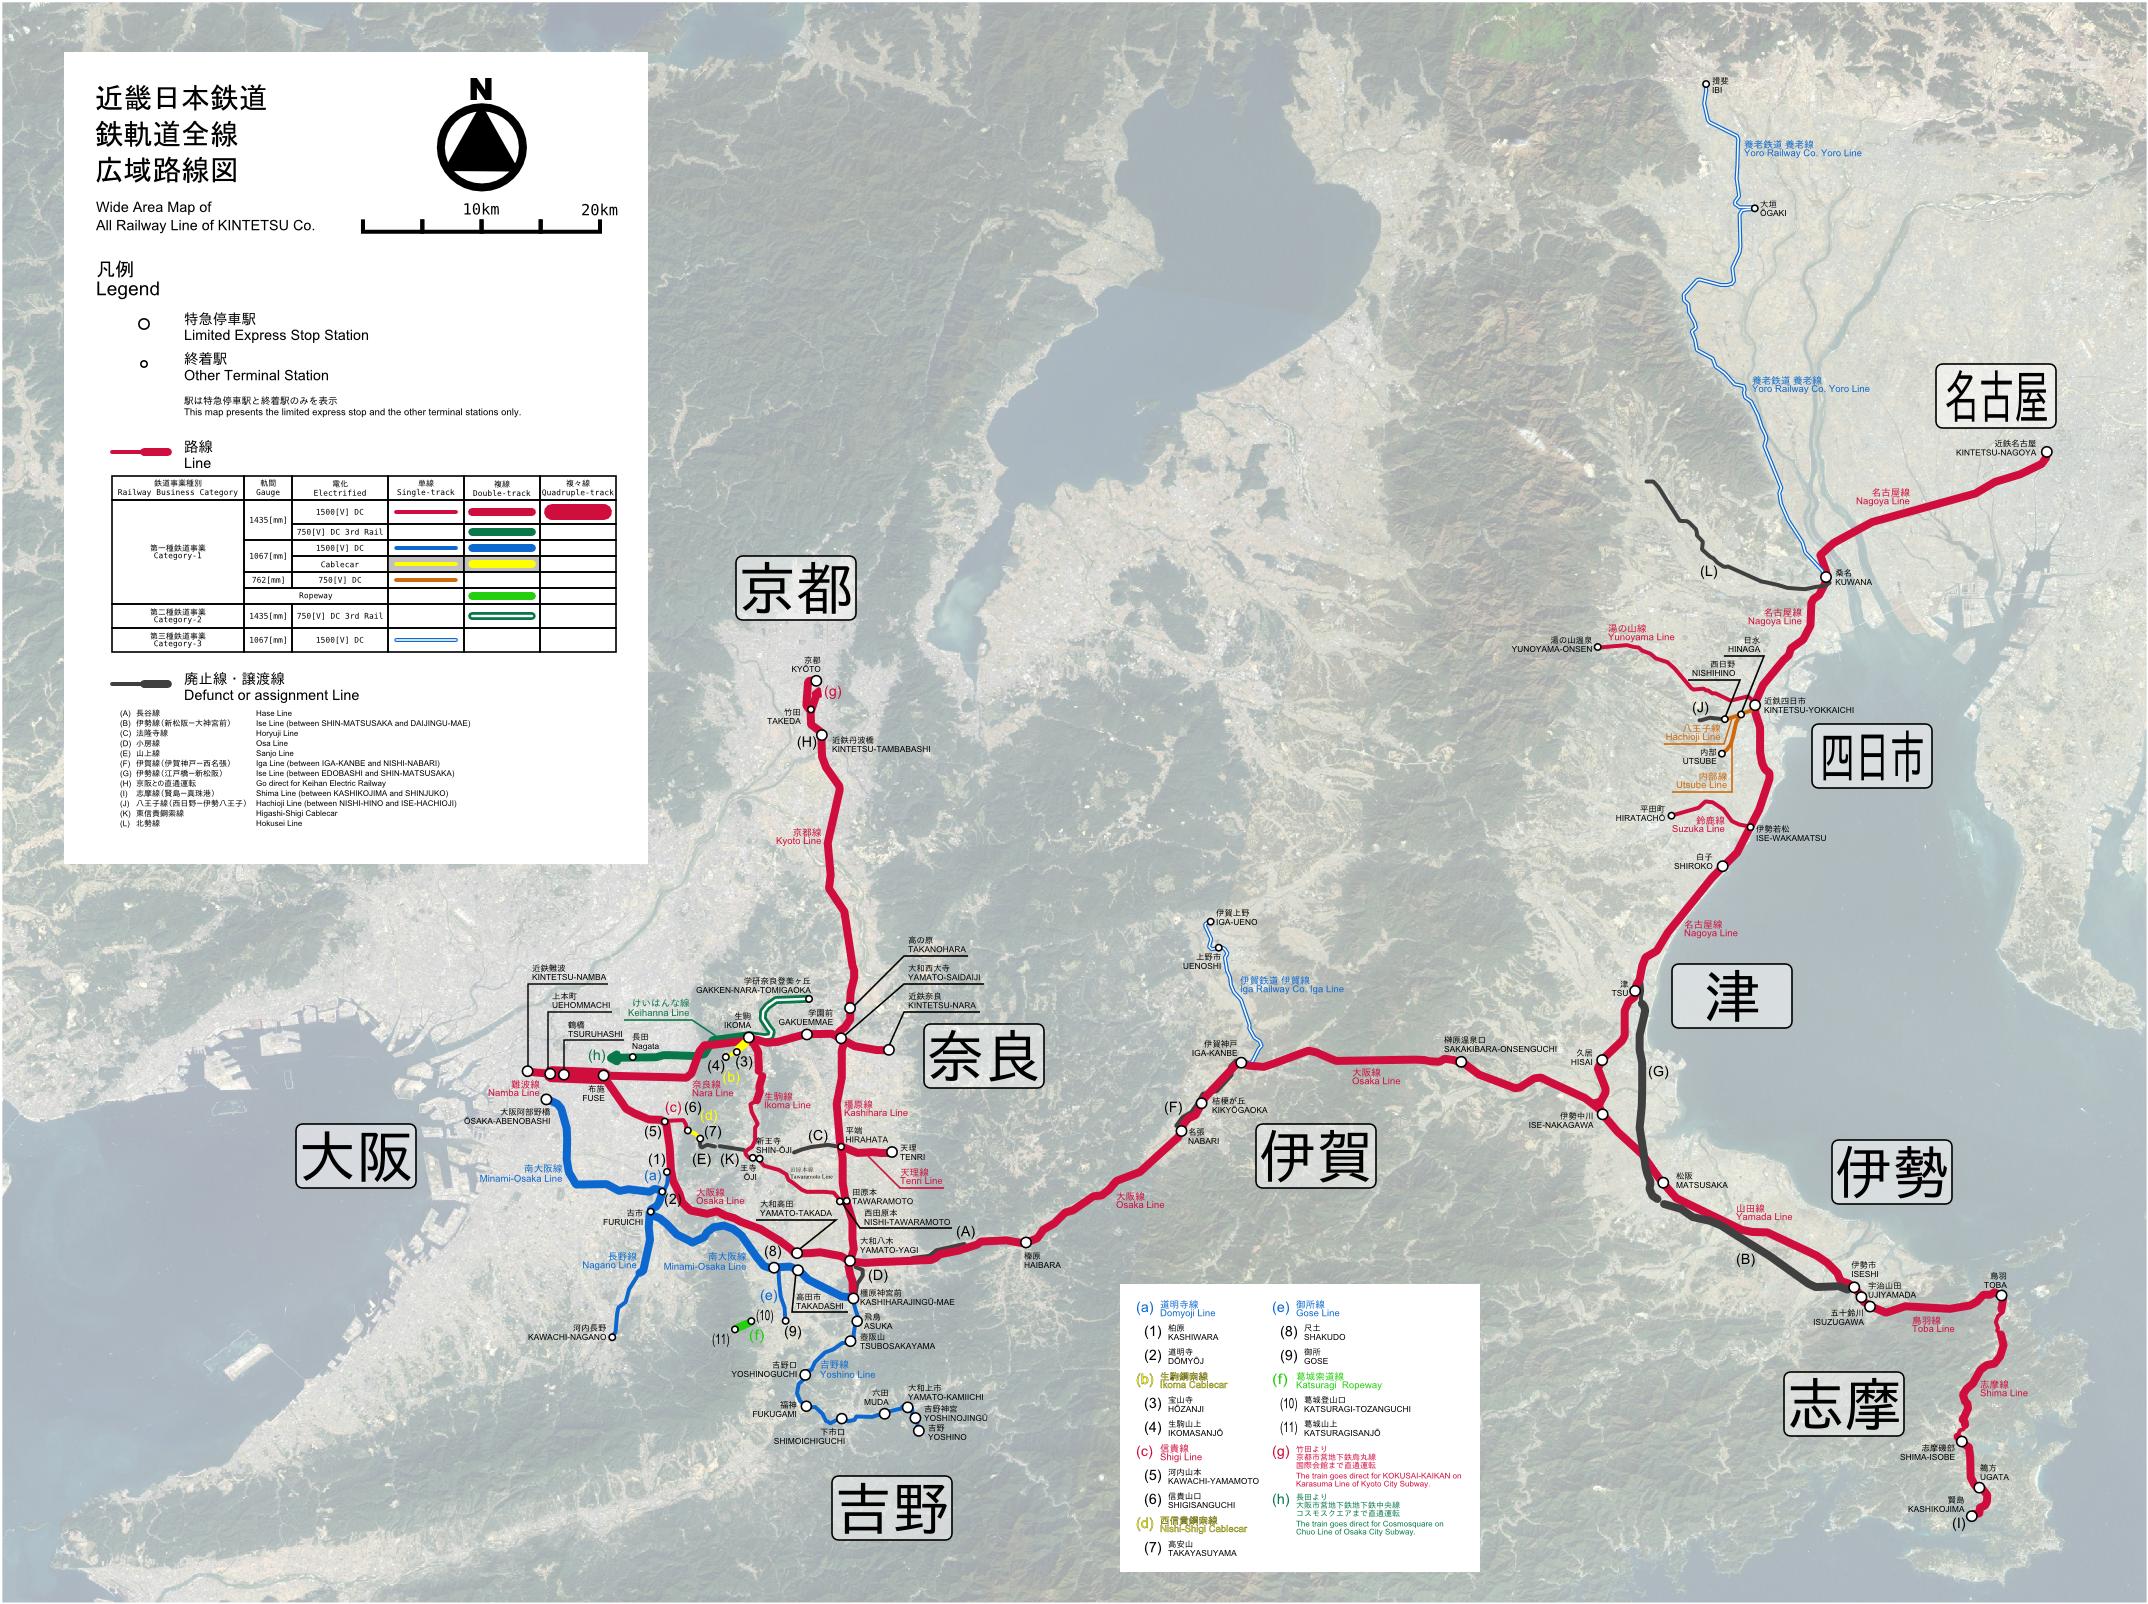 Kintetsu's map